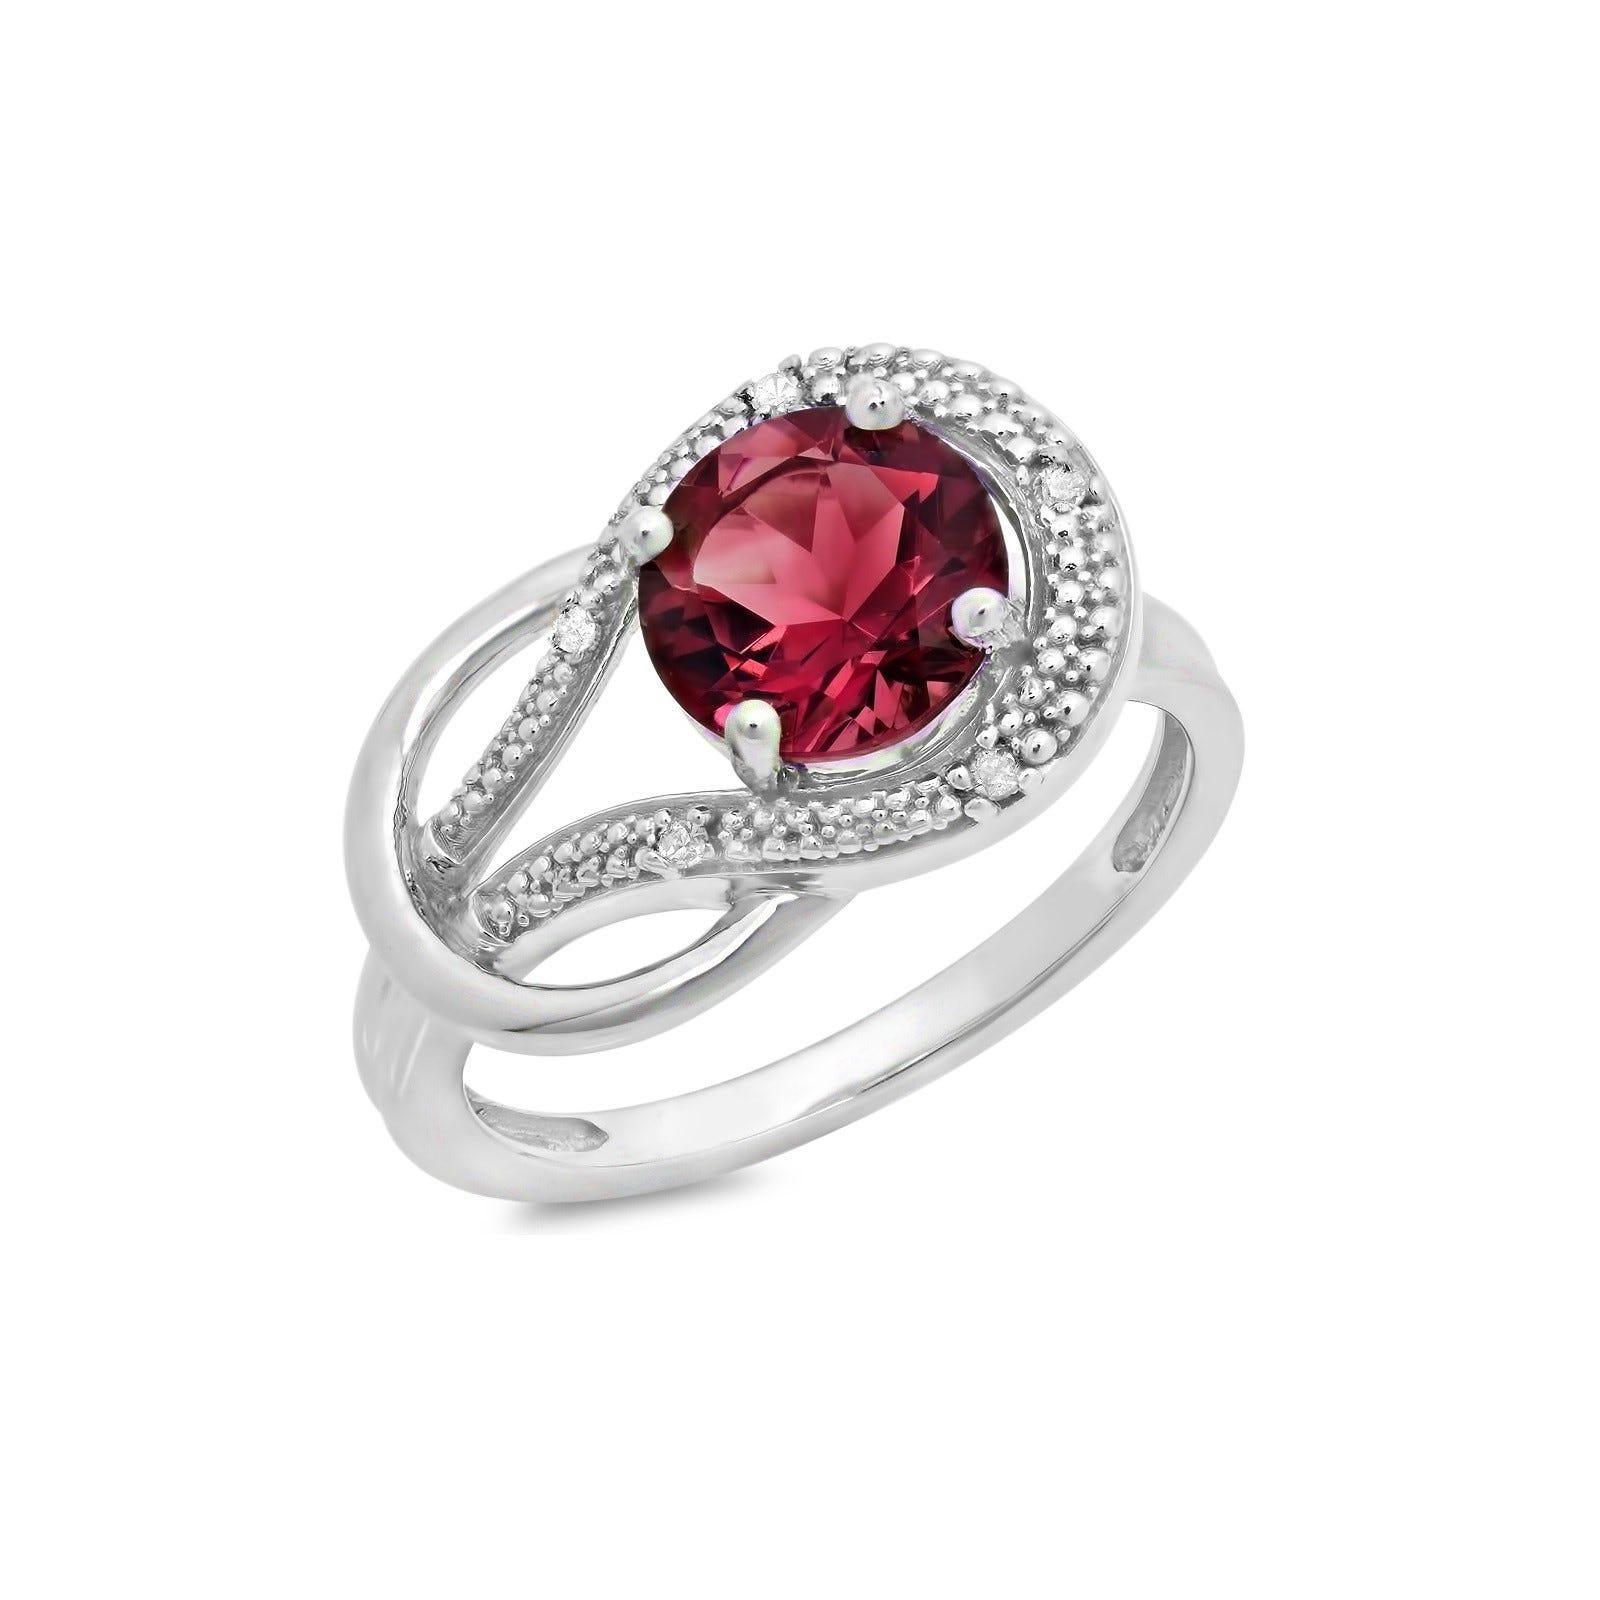 Garnet & Diamond Love Knot Ring in 10k White Gold